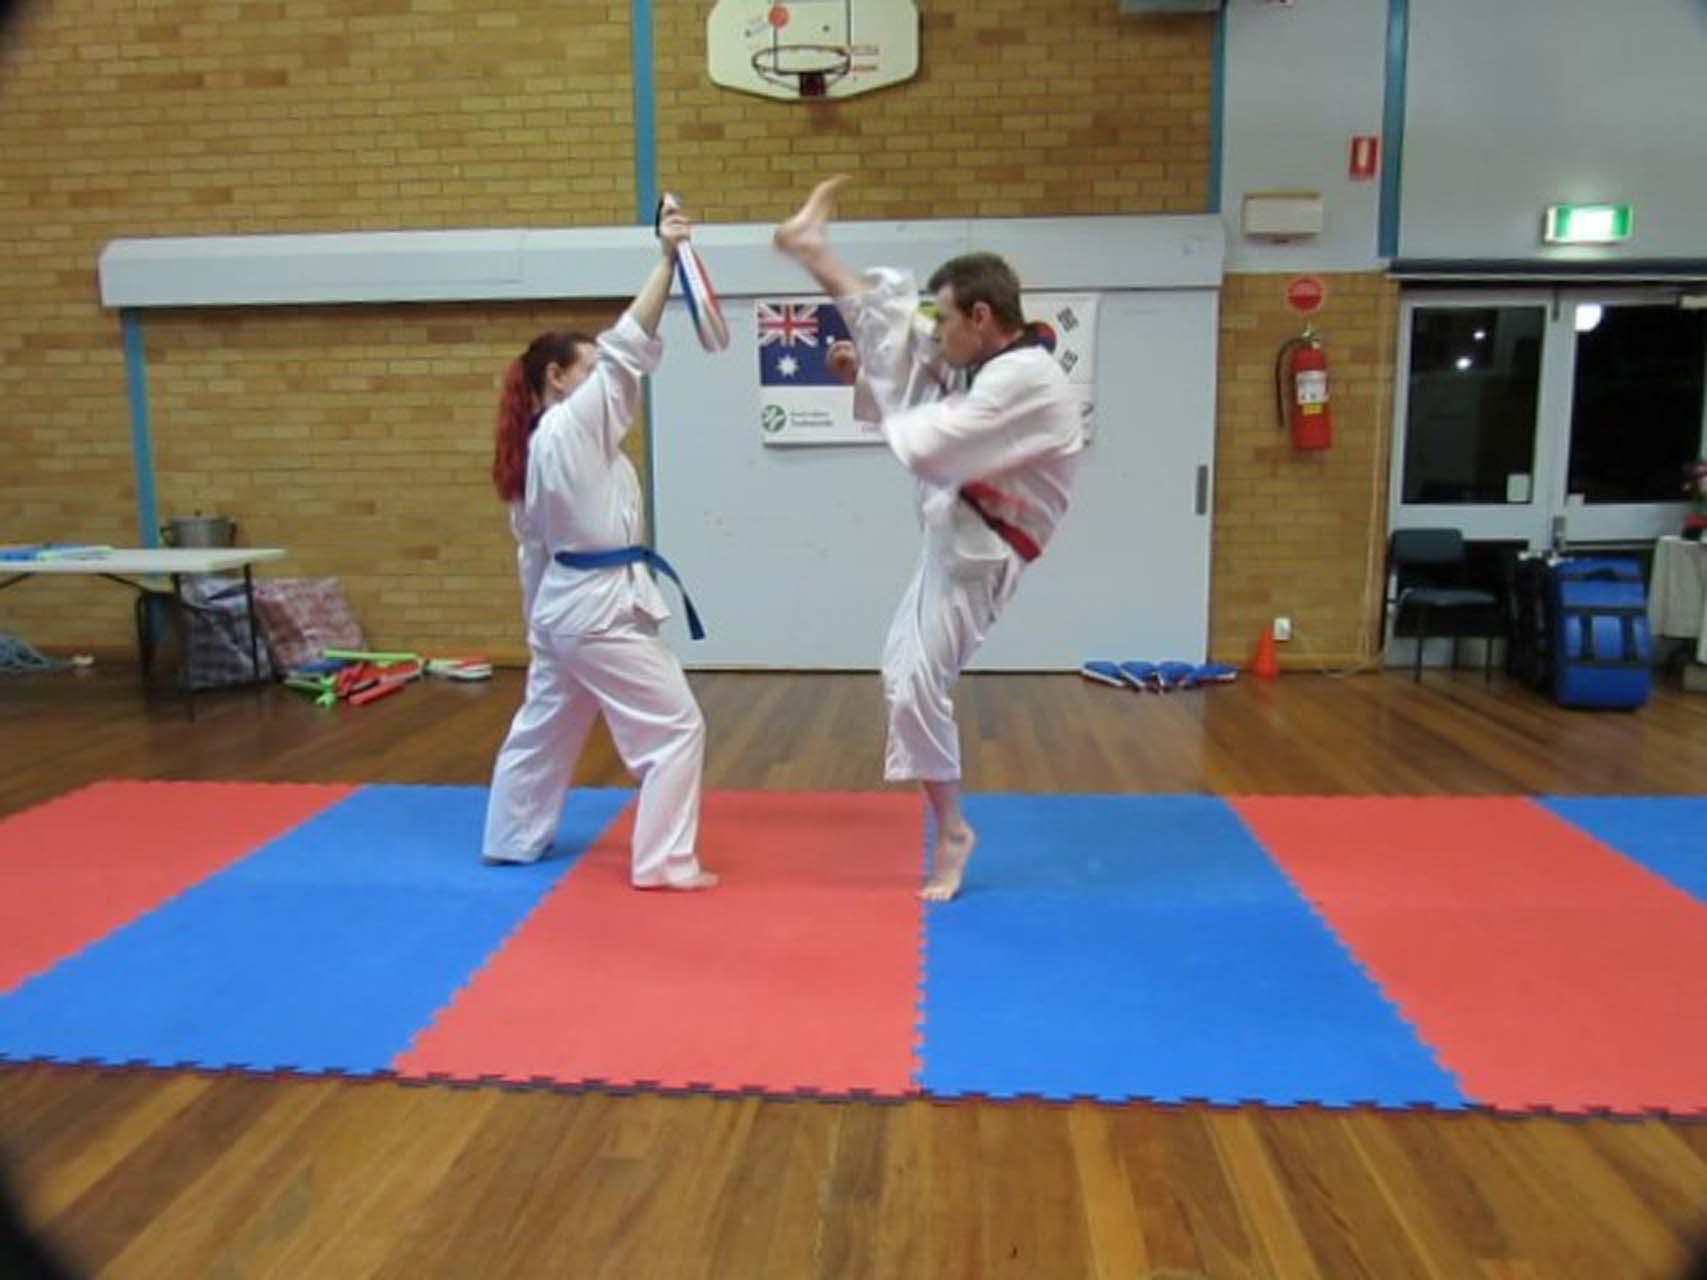 A woman helps a man practice his taekwondo high kick at Martial Arts Tamworth.